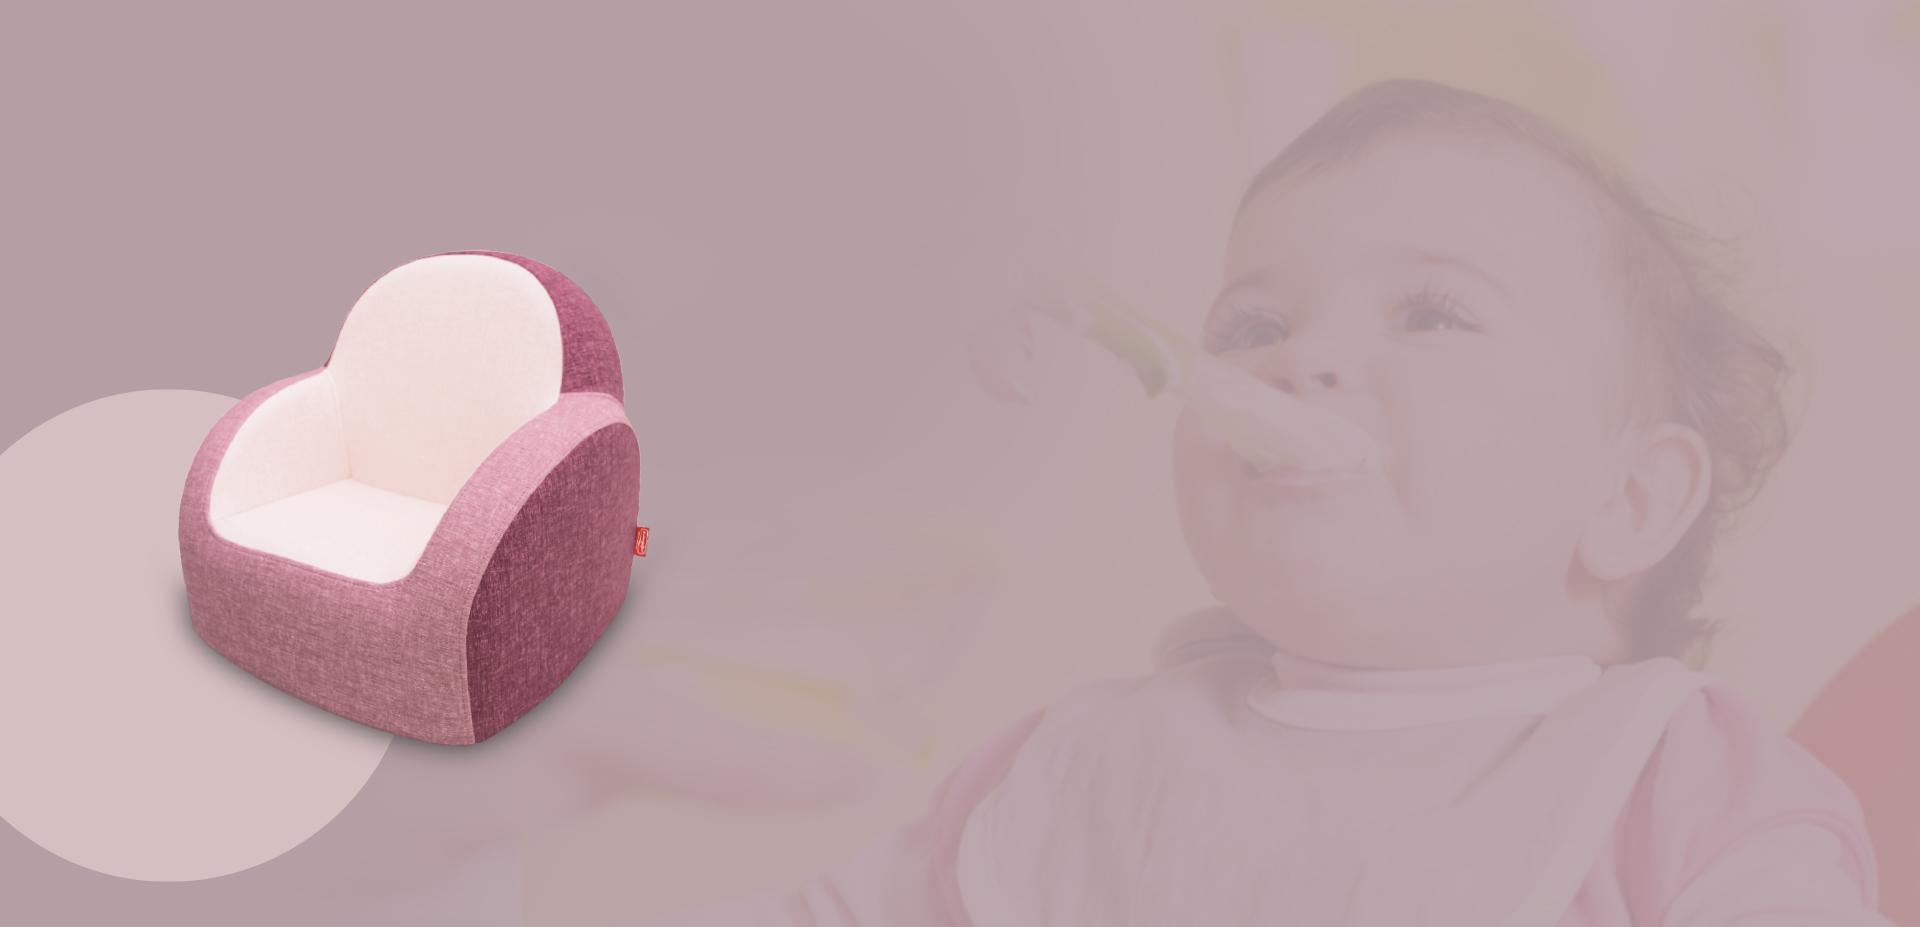 유아용 소파